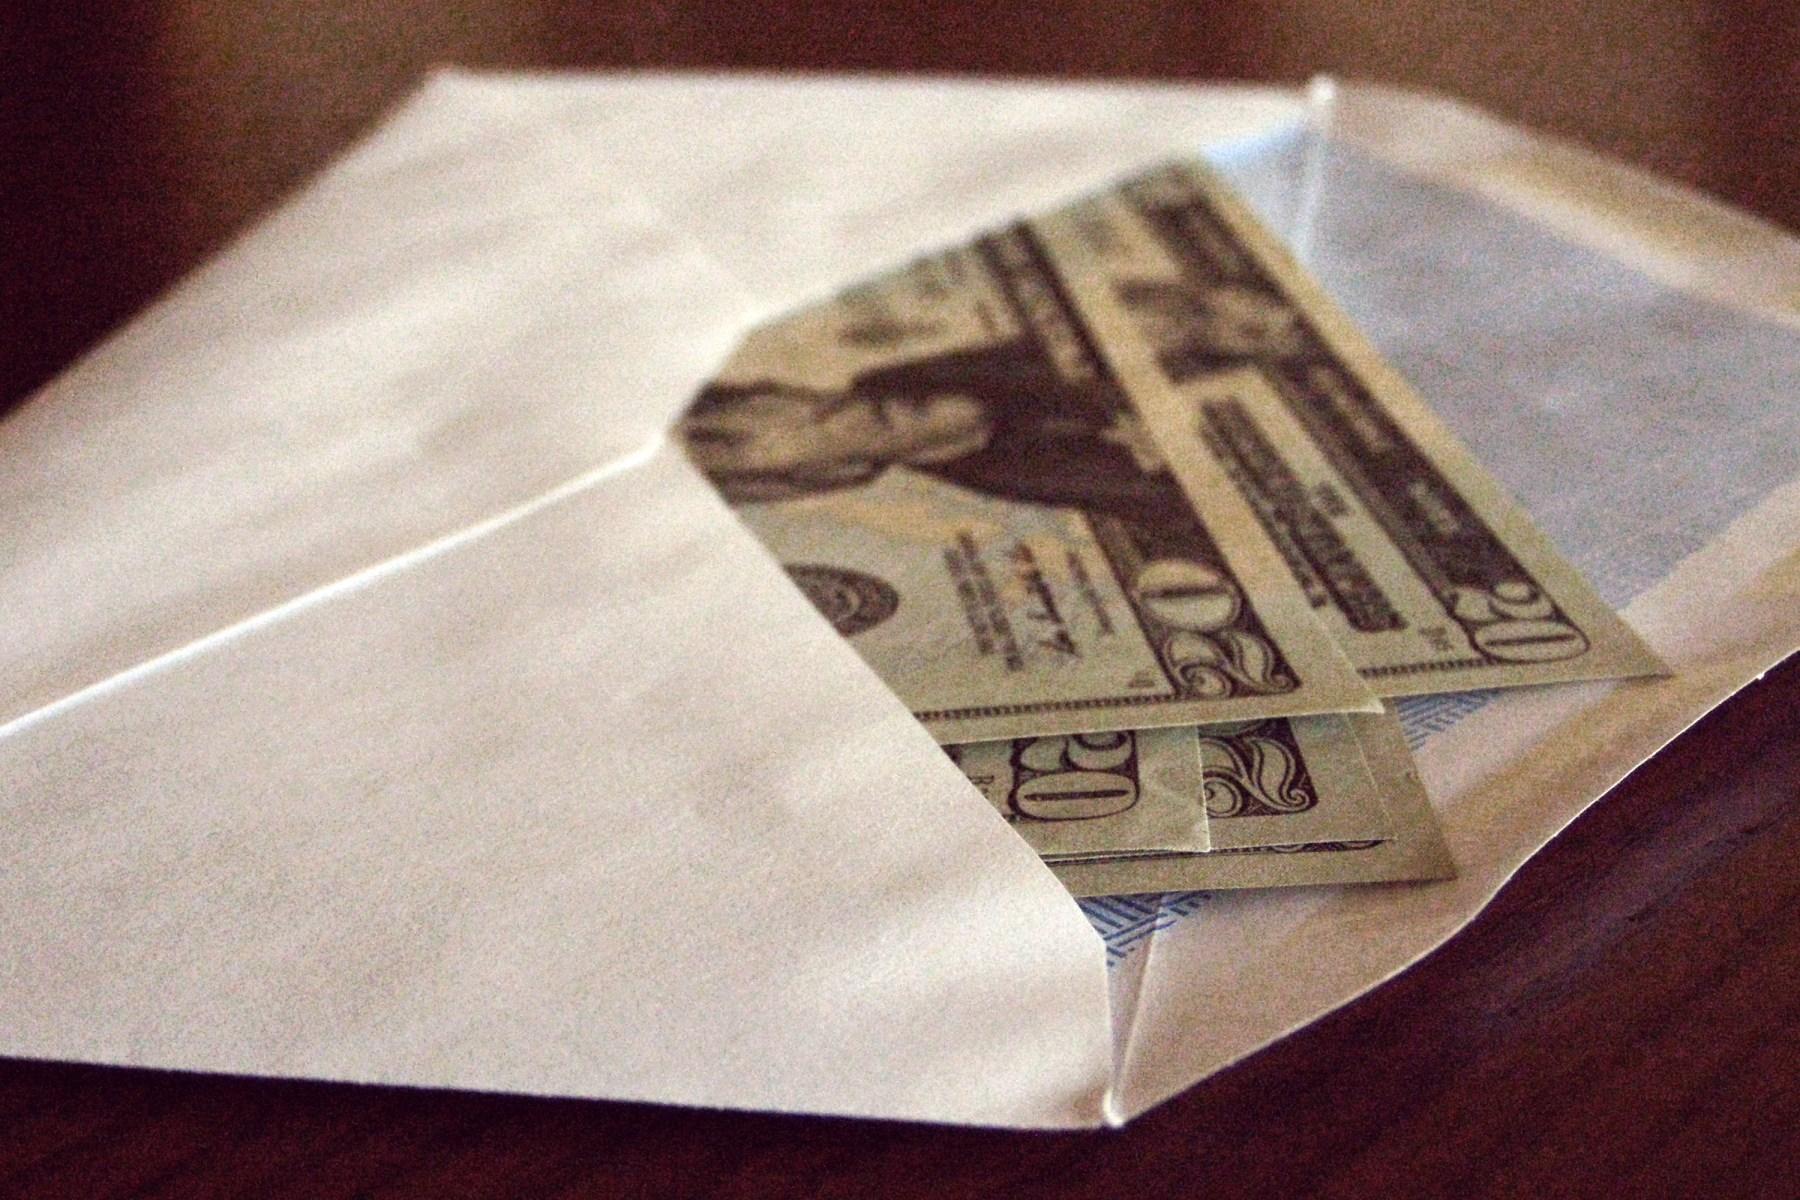 Envelope full of money